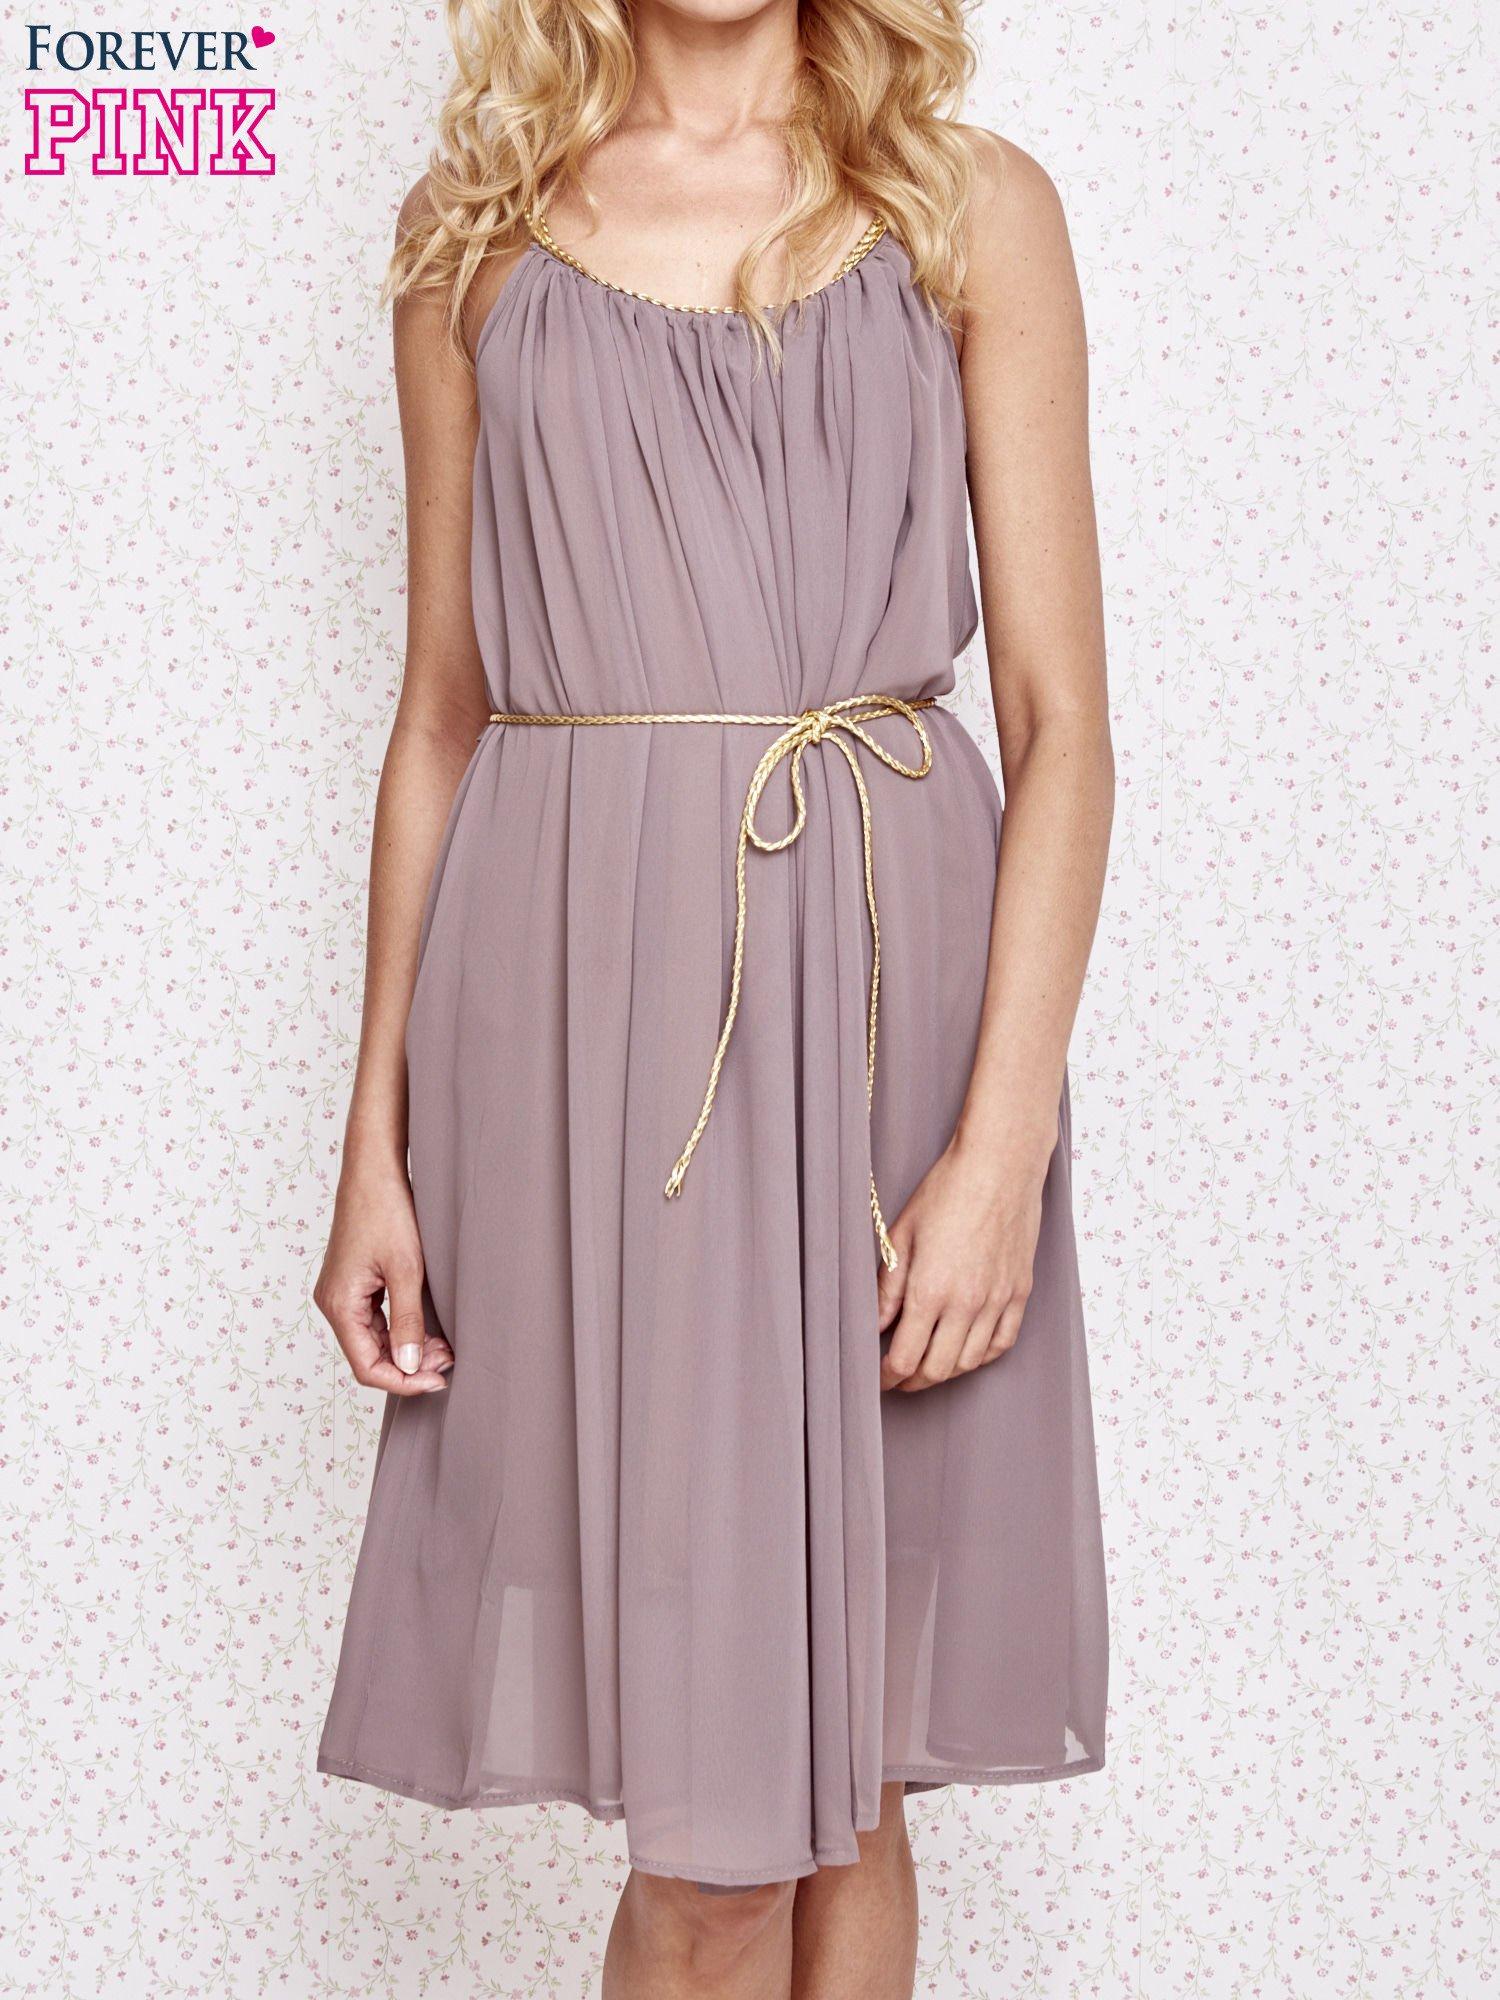 Brązowa grecka sukienka ze złotym paskiem                                  zdj.                                  1